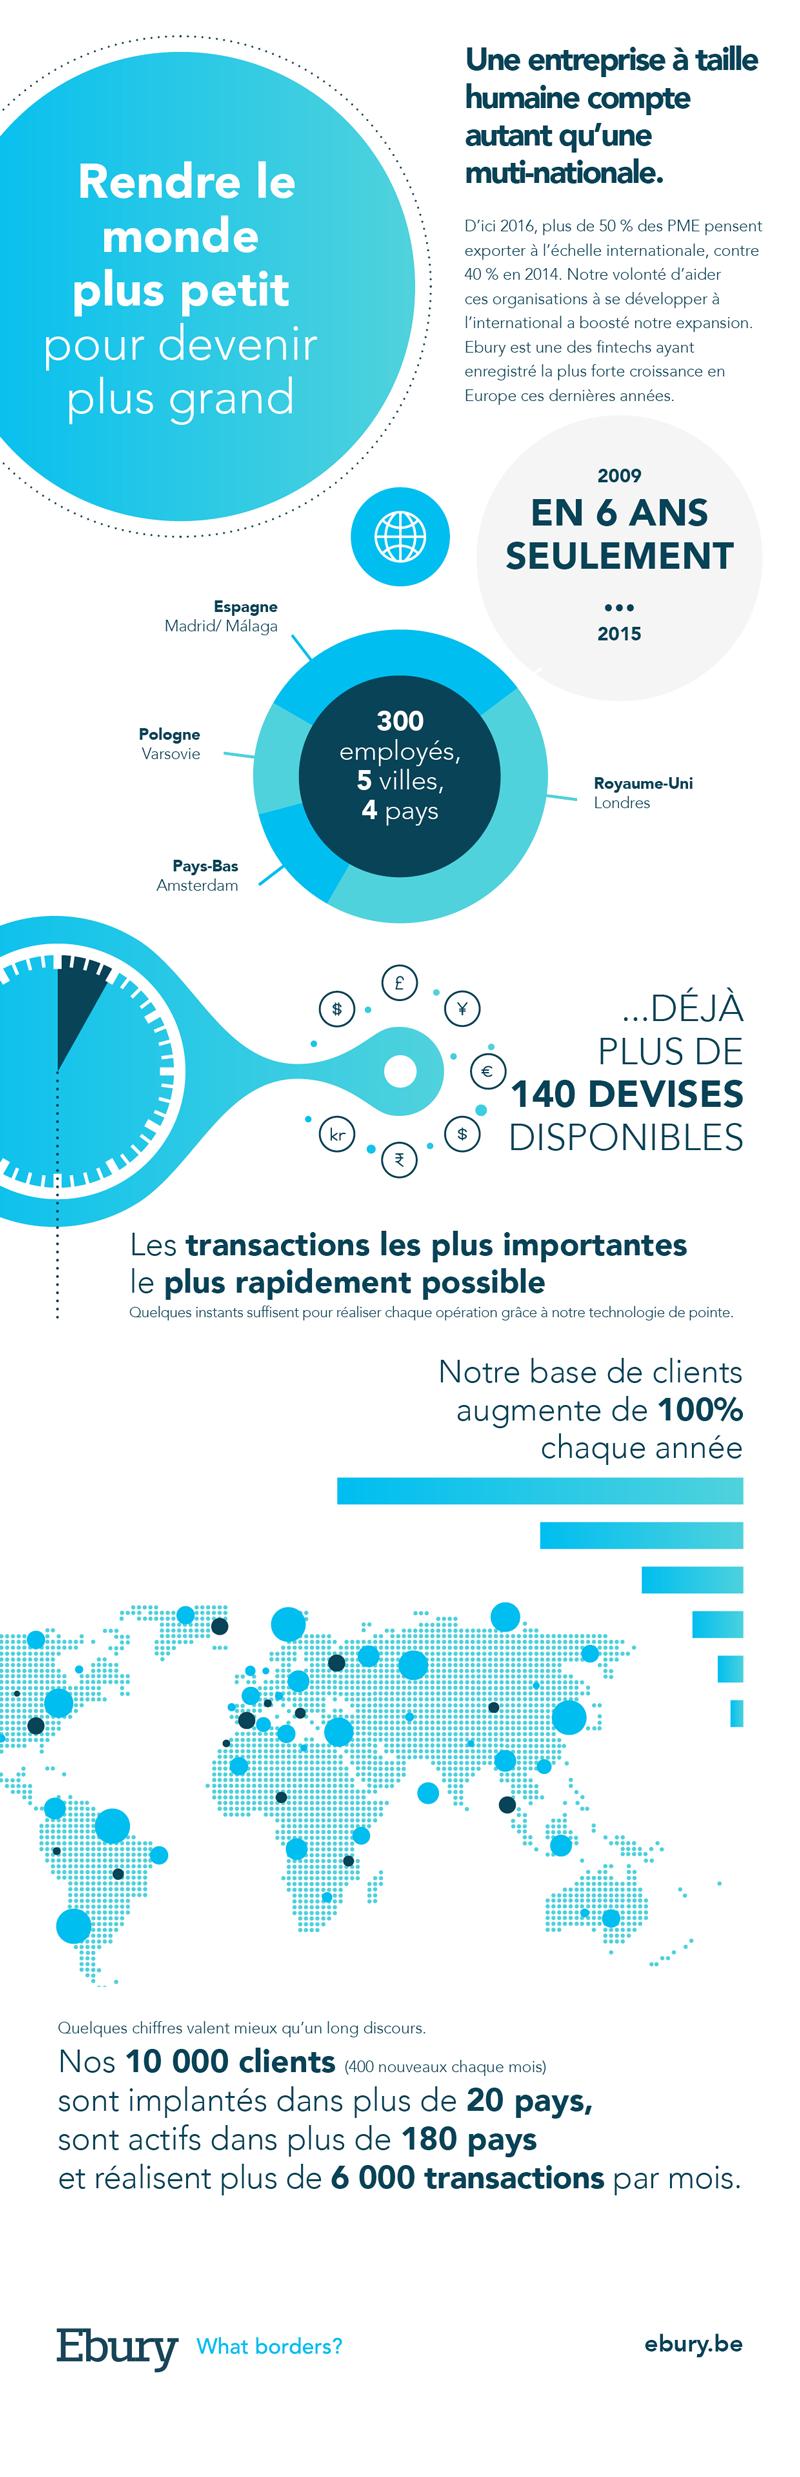 20151116-EBU-infographic-v2_800